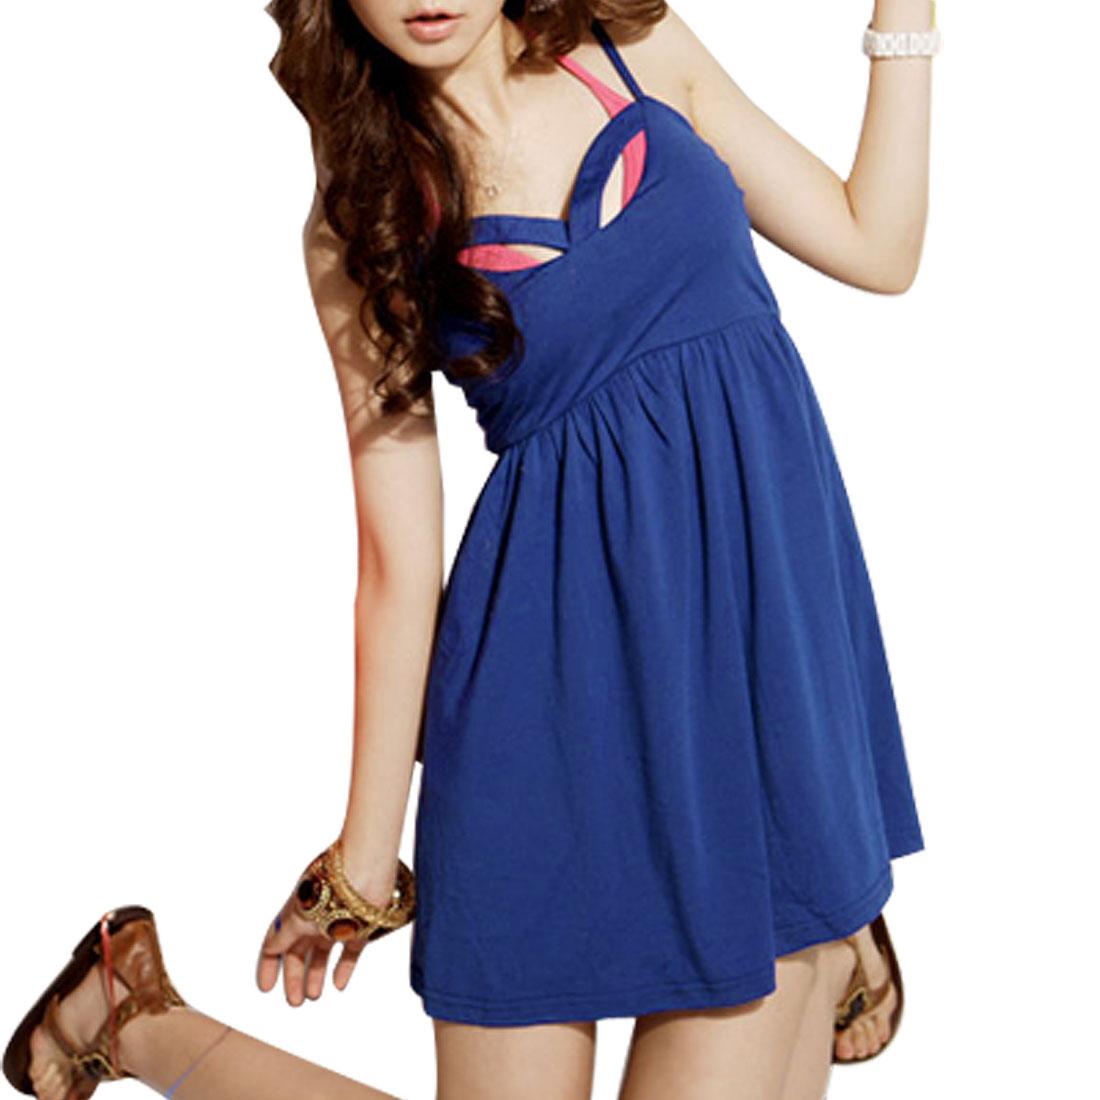 Ladies Blue Adjustable Strap Lining Mini Dress XS